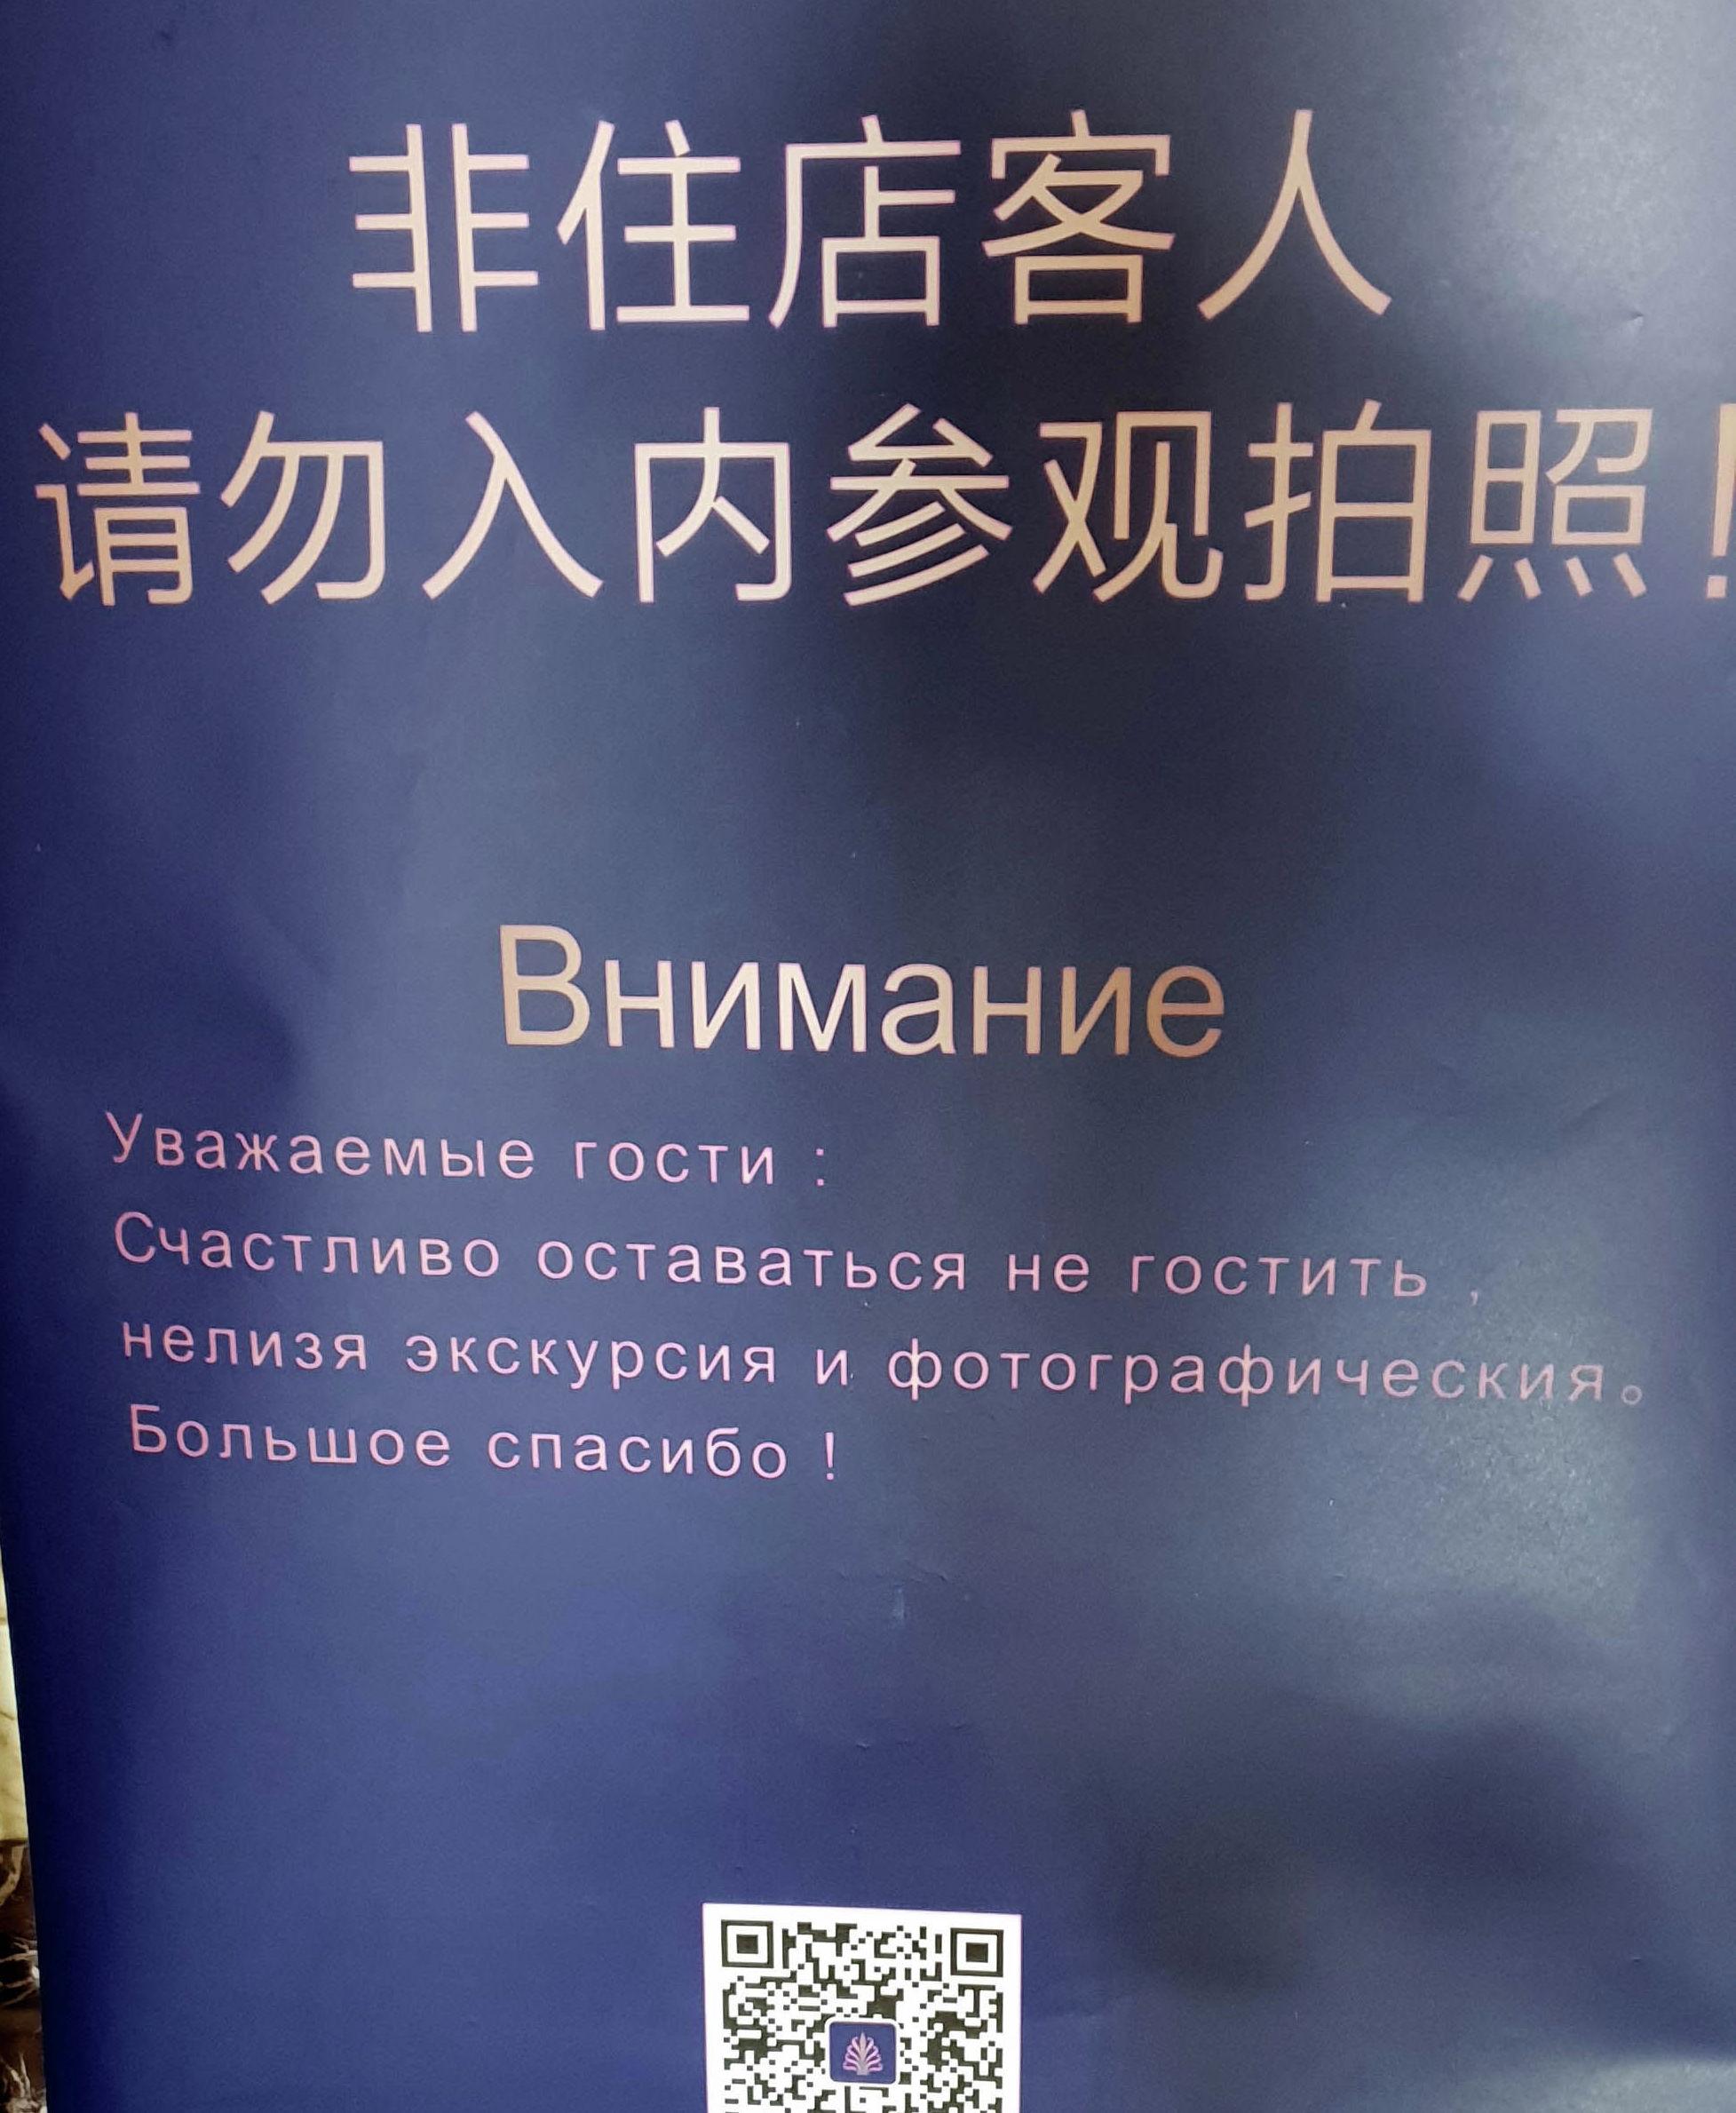 Табличка в одном из отелей в Хайнане